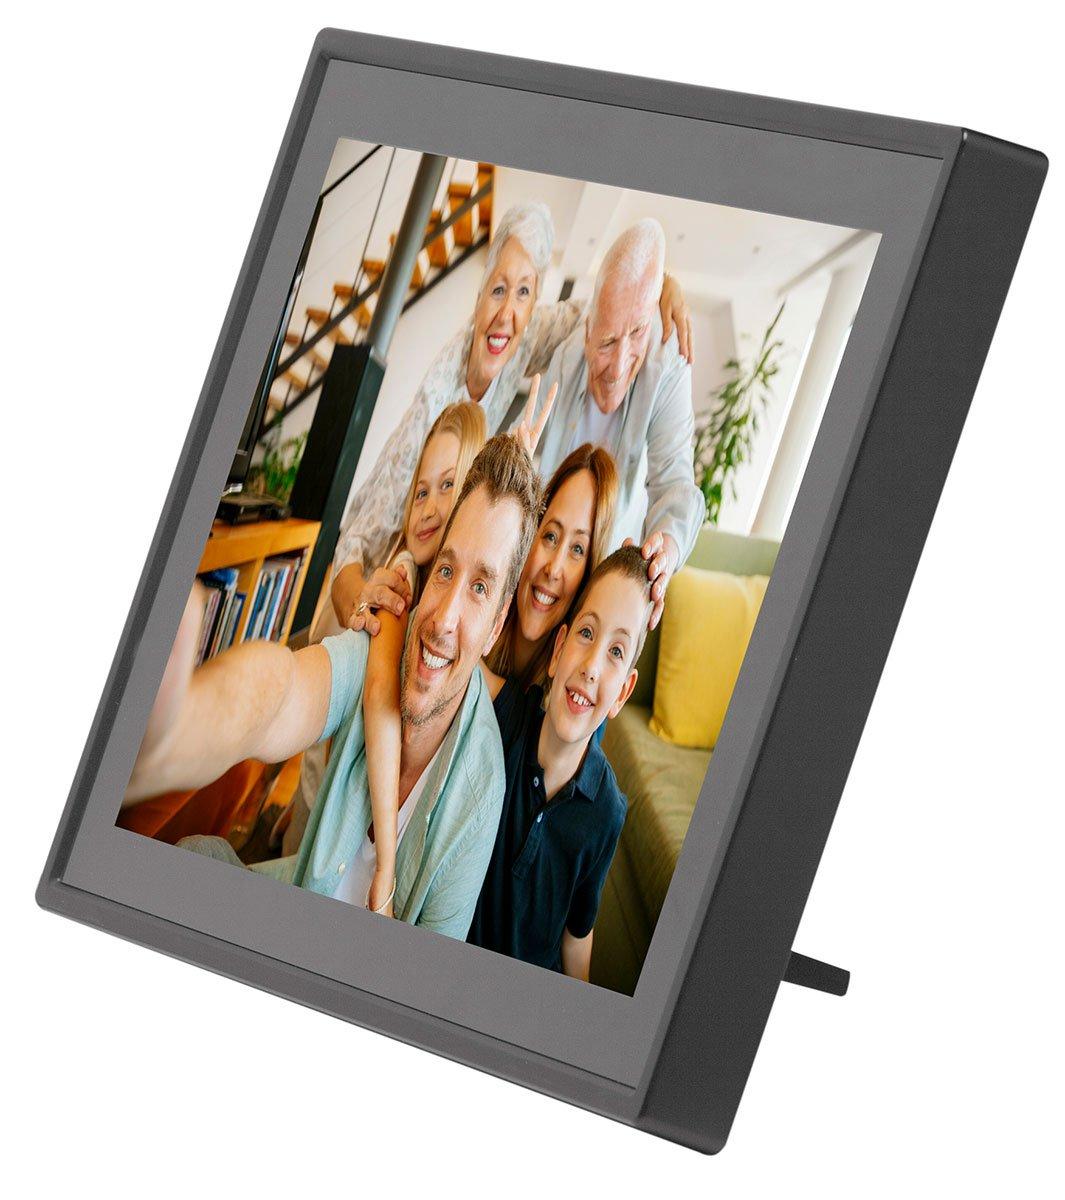 Cornice digitale con Wi-Fi Risoluzione: 1024x600 DENVER PFF-711WHITE 7 Pollici Software fotografico per inviare foto dallapplicazione mobile al fotogramma Timer